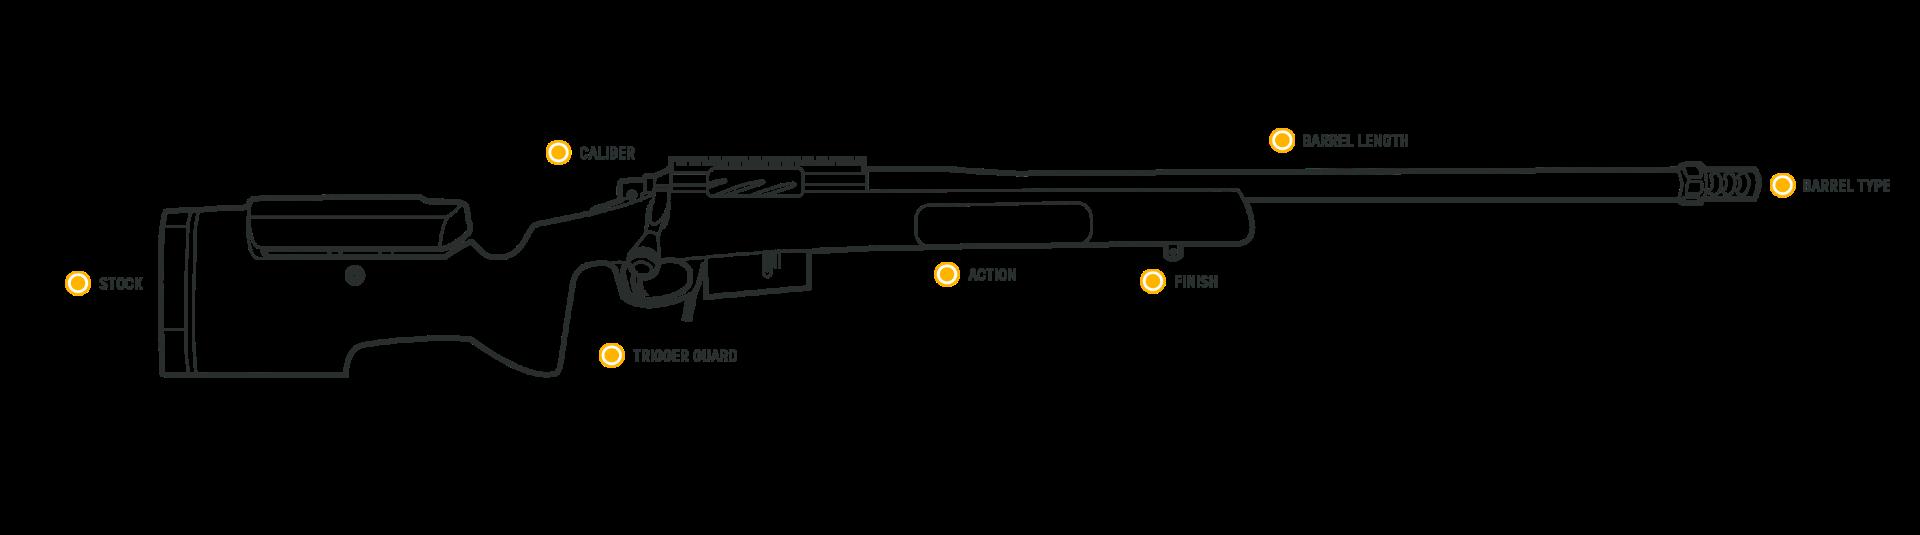 GAP Team Rifle